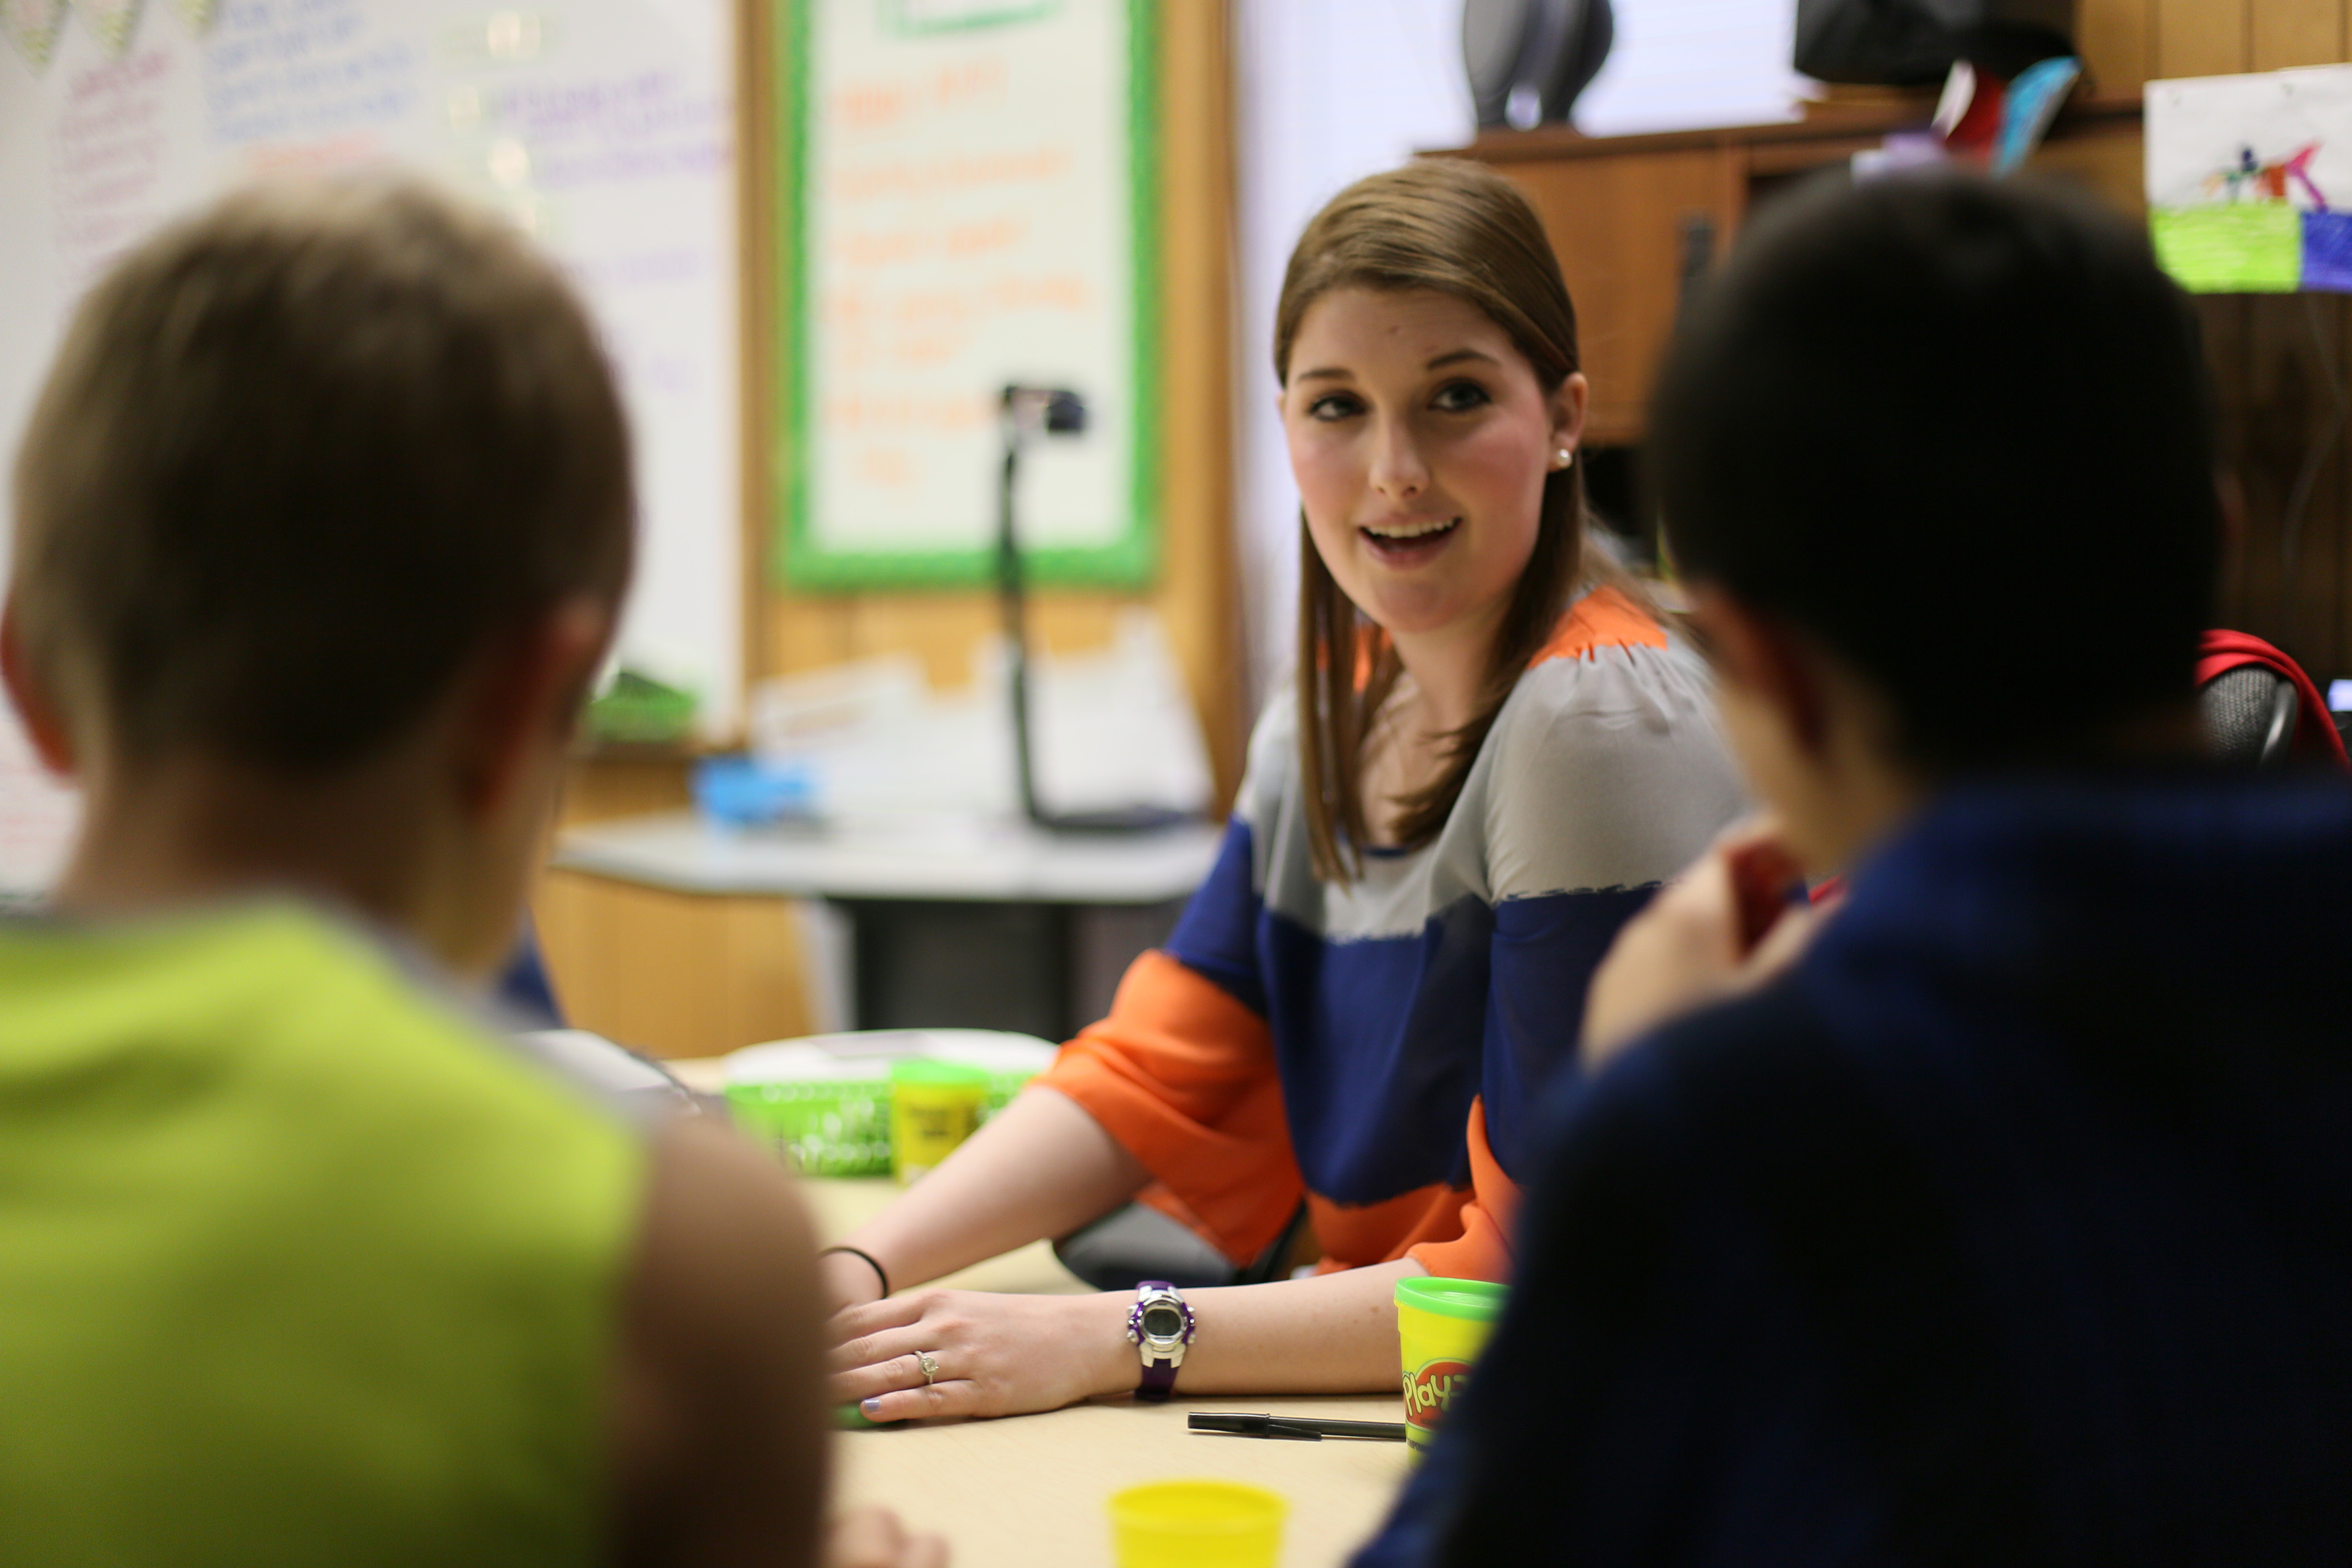 teacher leads group activity